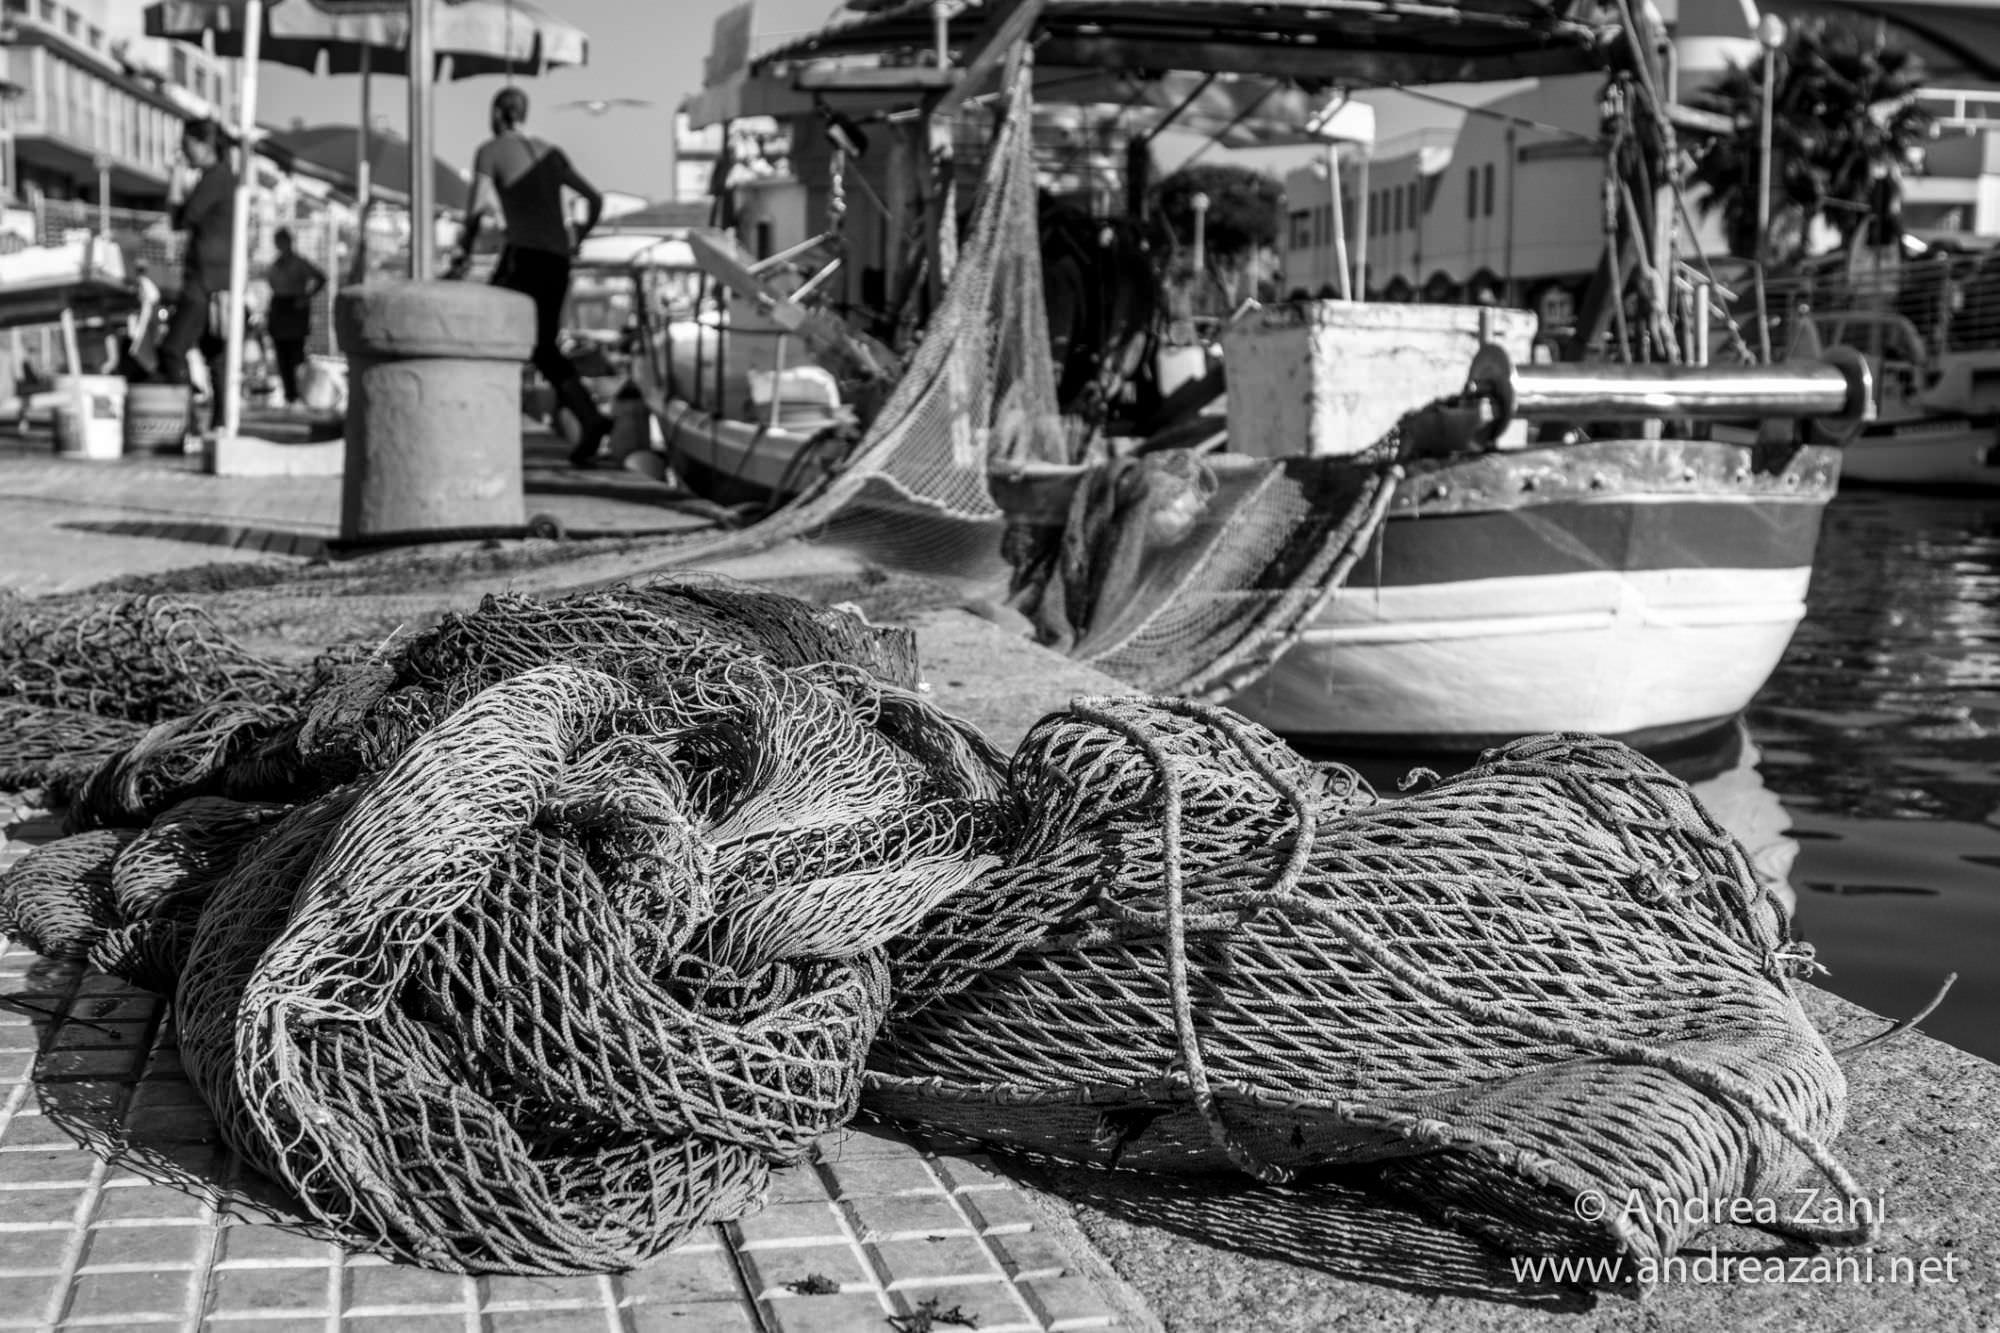 Pesca: mancati indennizzi e fermo pesca. Il Ministero rassicura pescatori toscani su pagamenti